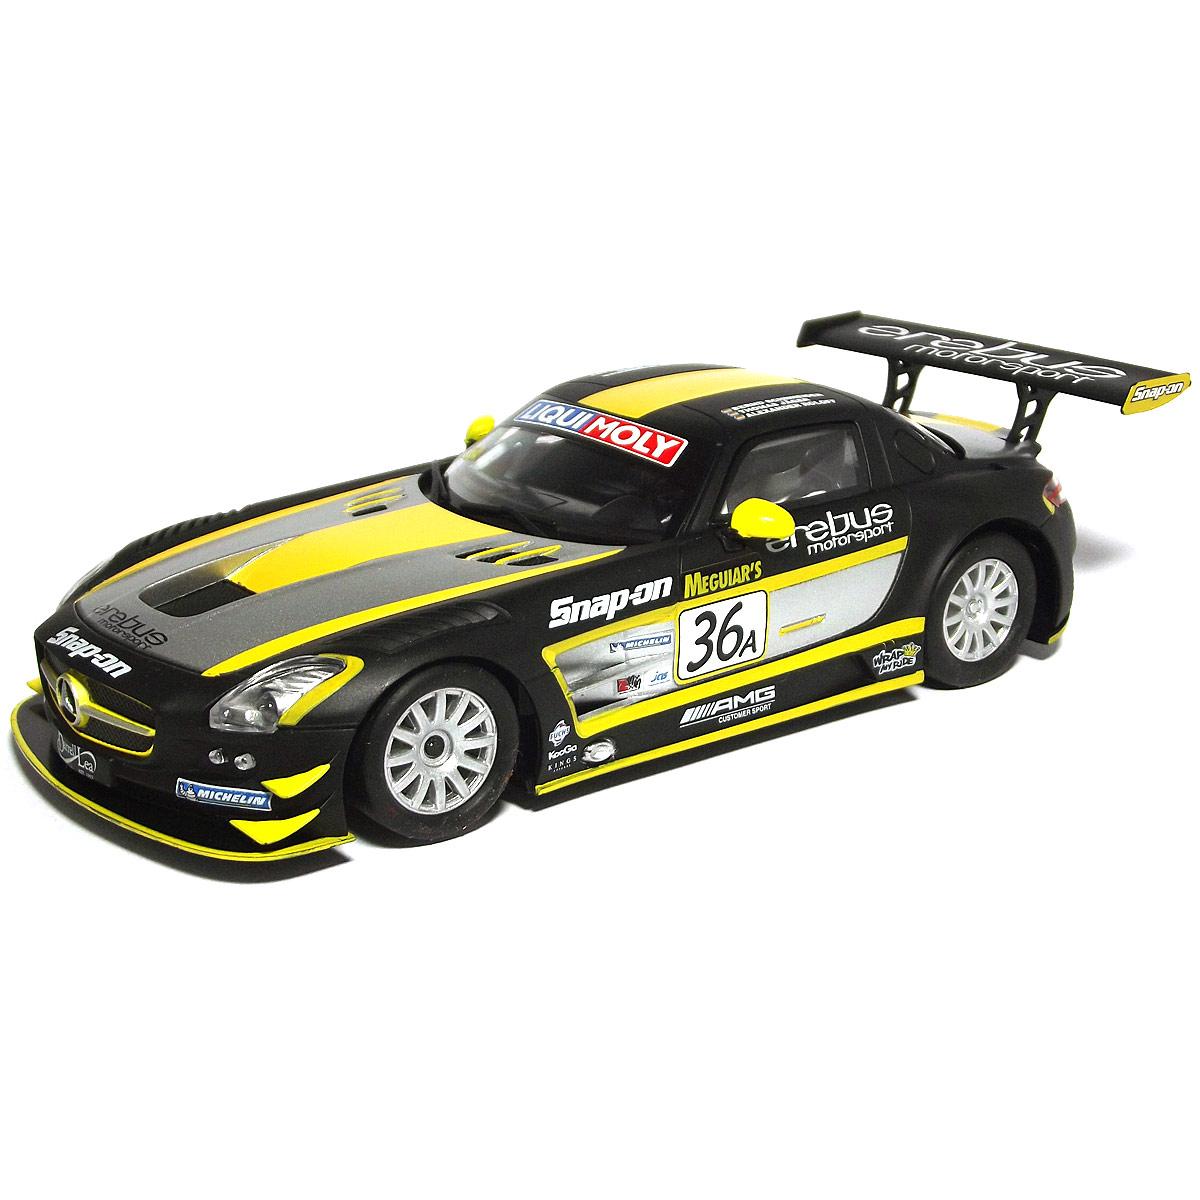 Mercedes Benz Parts And Accessories Catalog >> SCX Mercedes Benz SLS GT3 No.36 Erebus (A10154)